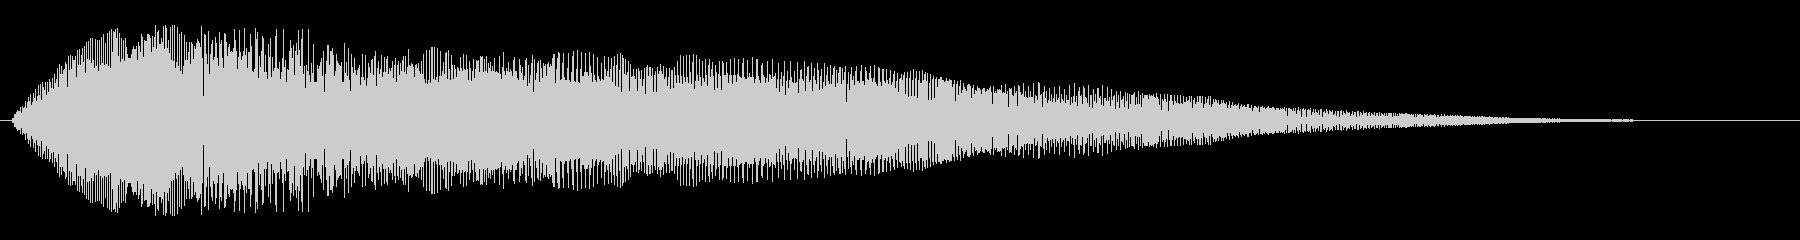 ピヨヨヨョ〜ン(上下あり)の未再生の波形